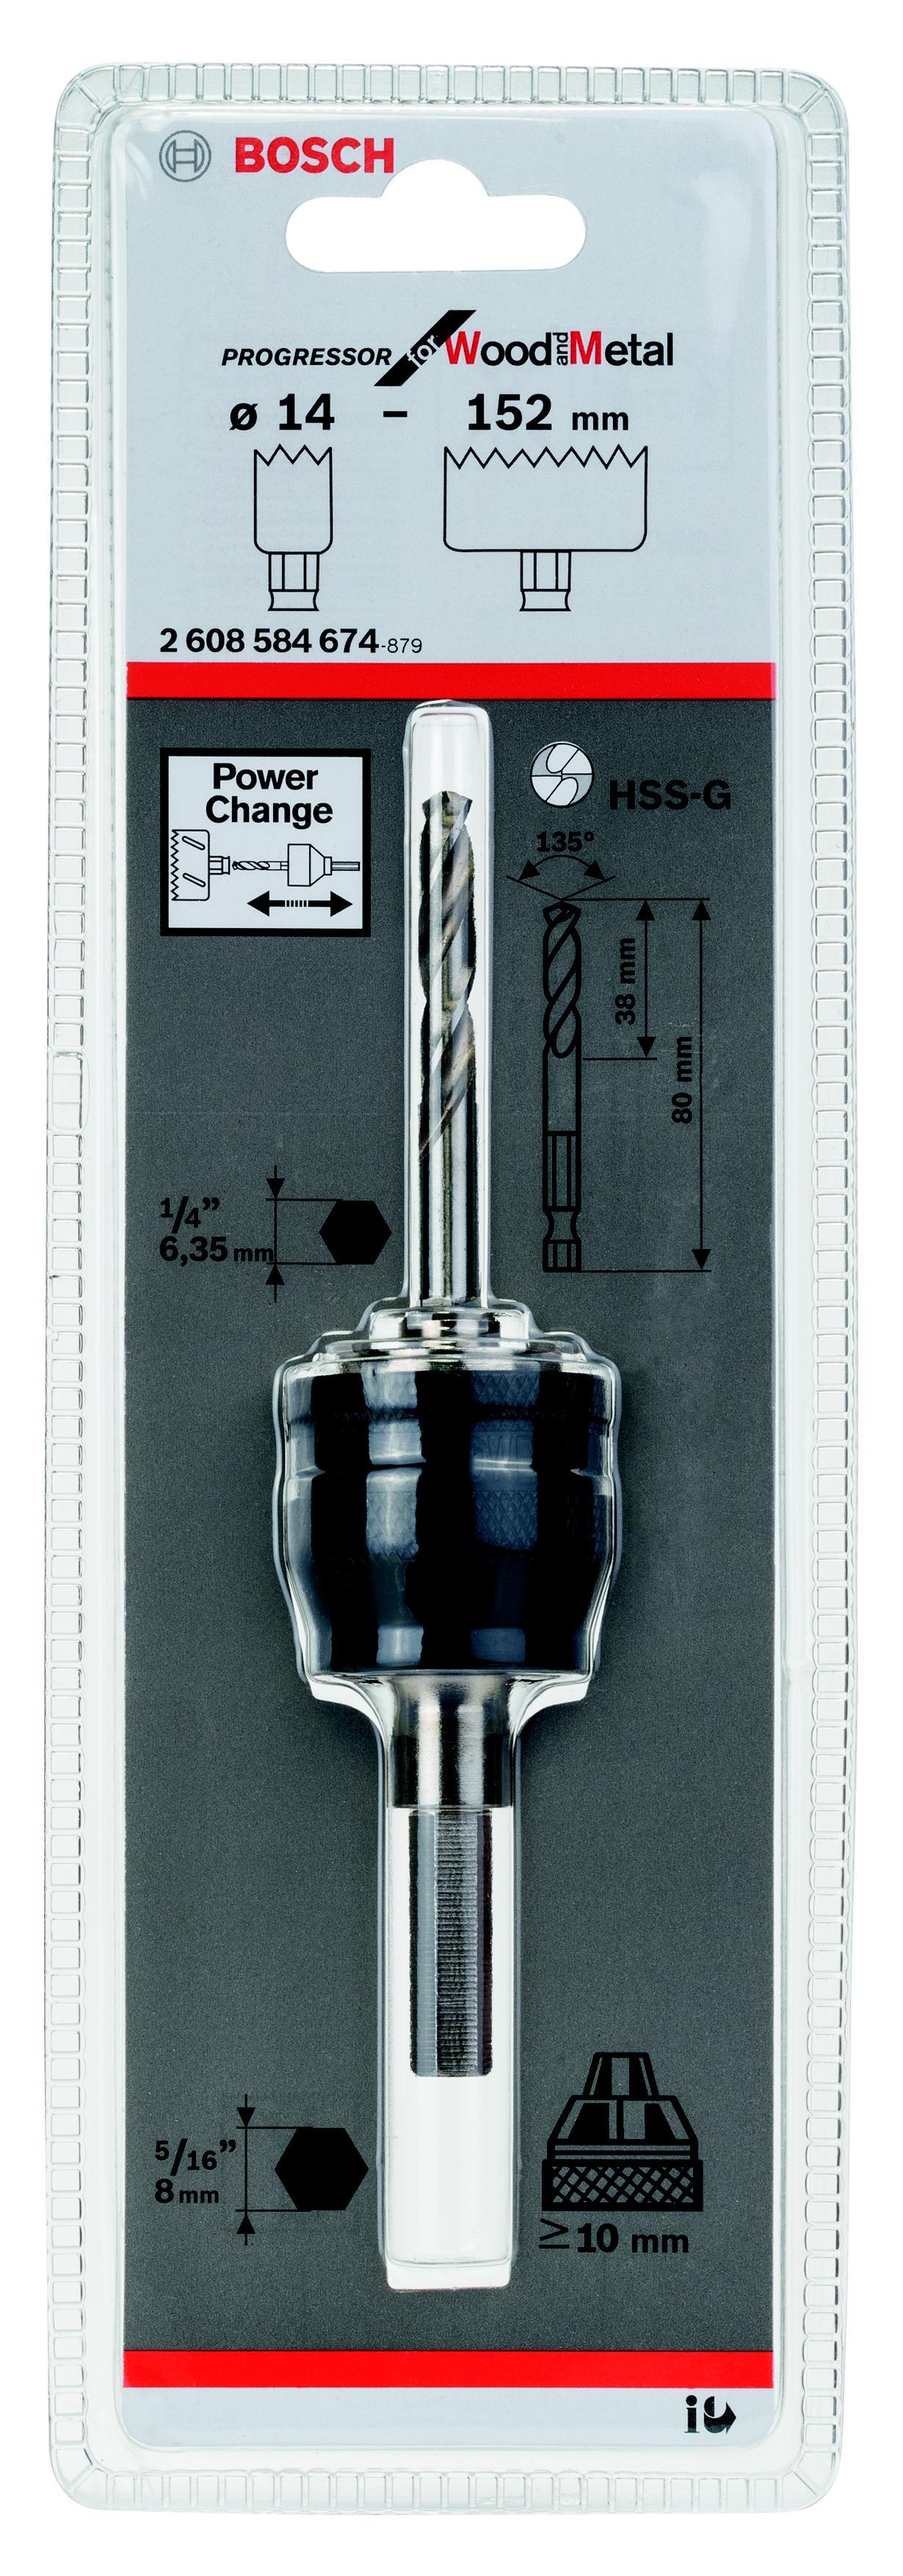 Адаптер Bosch 2608584674